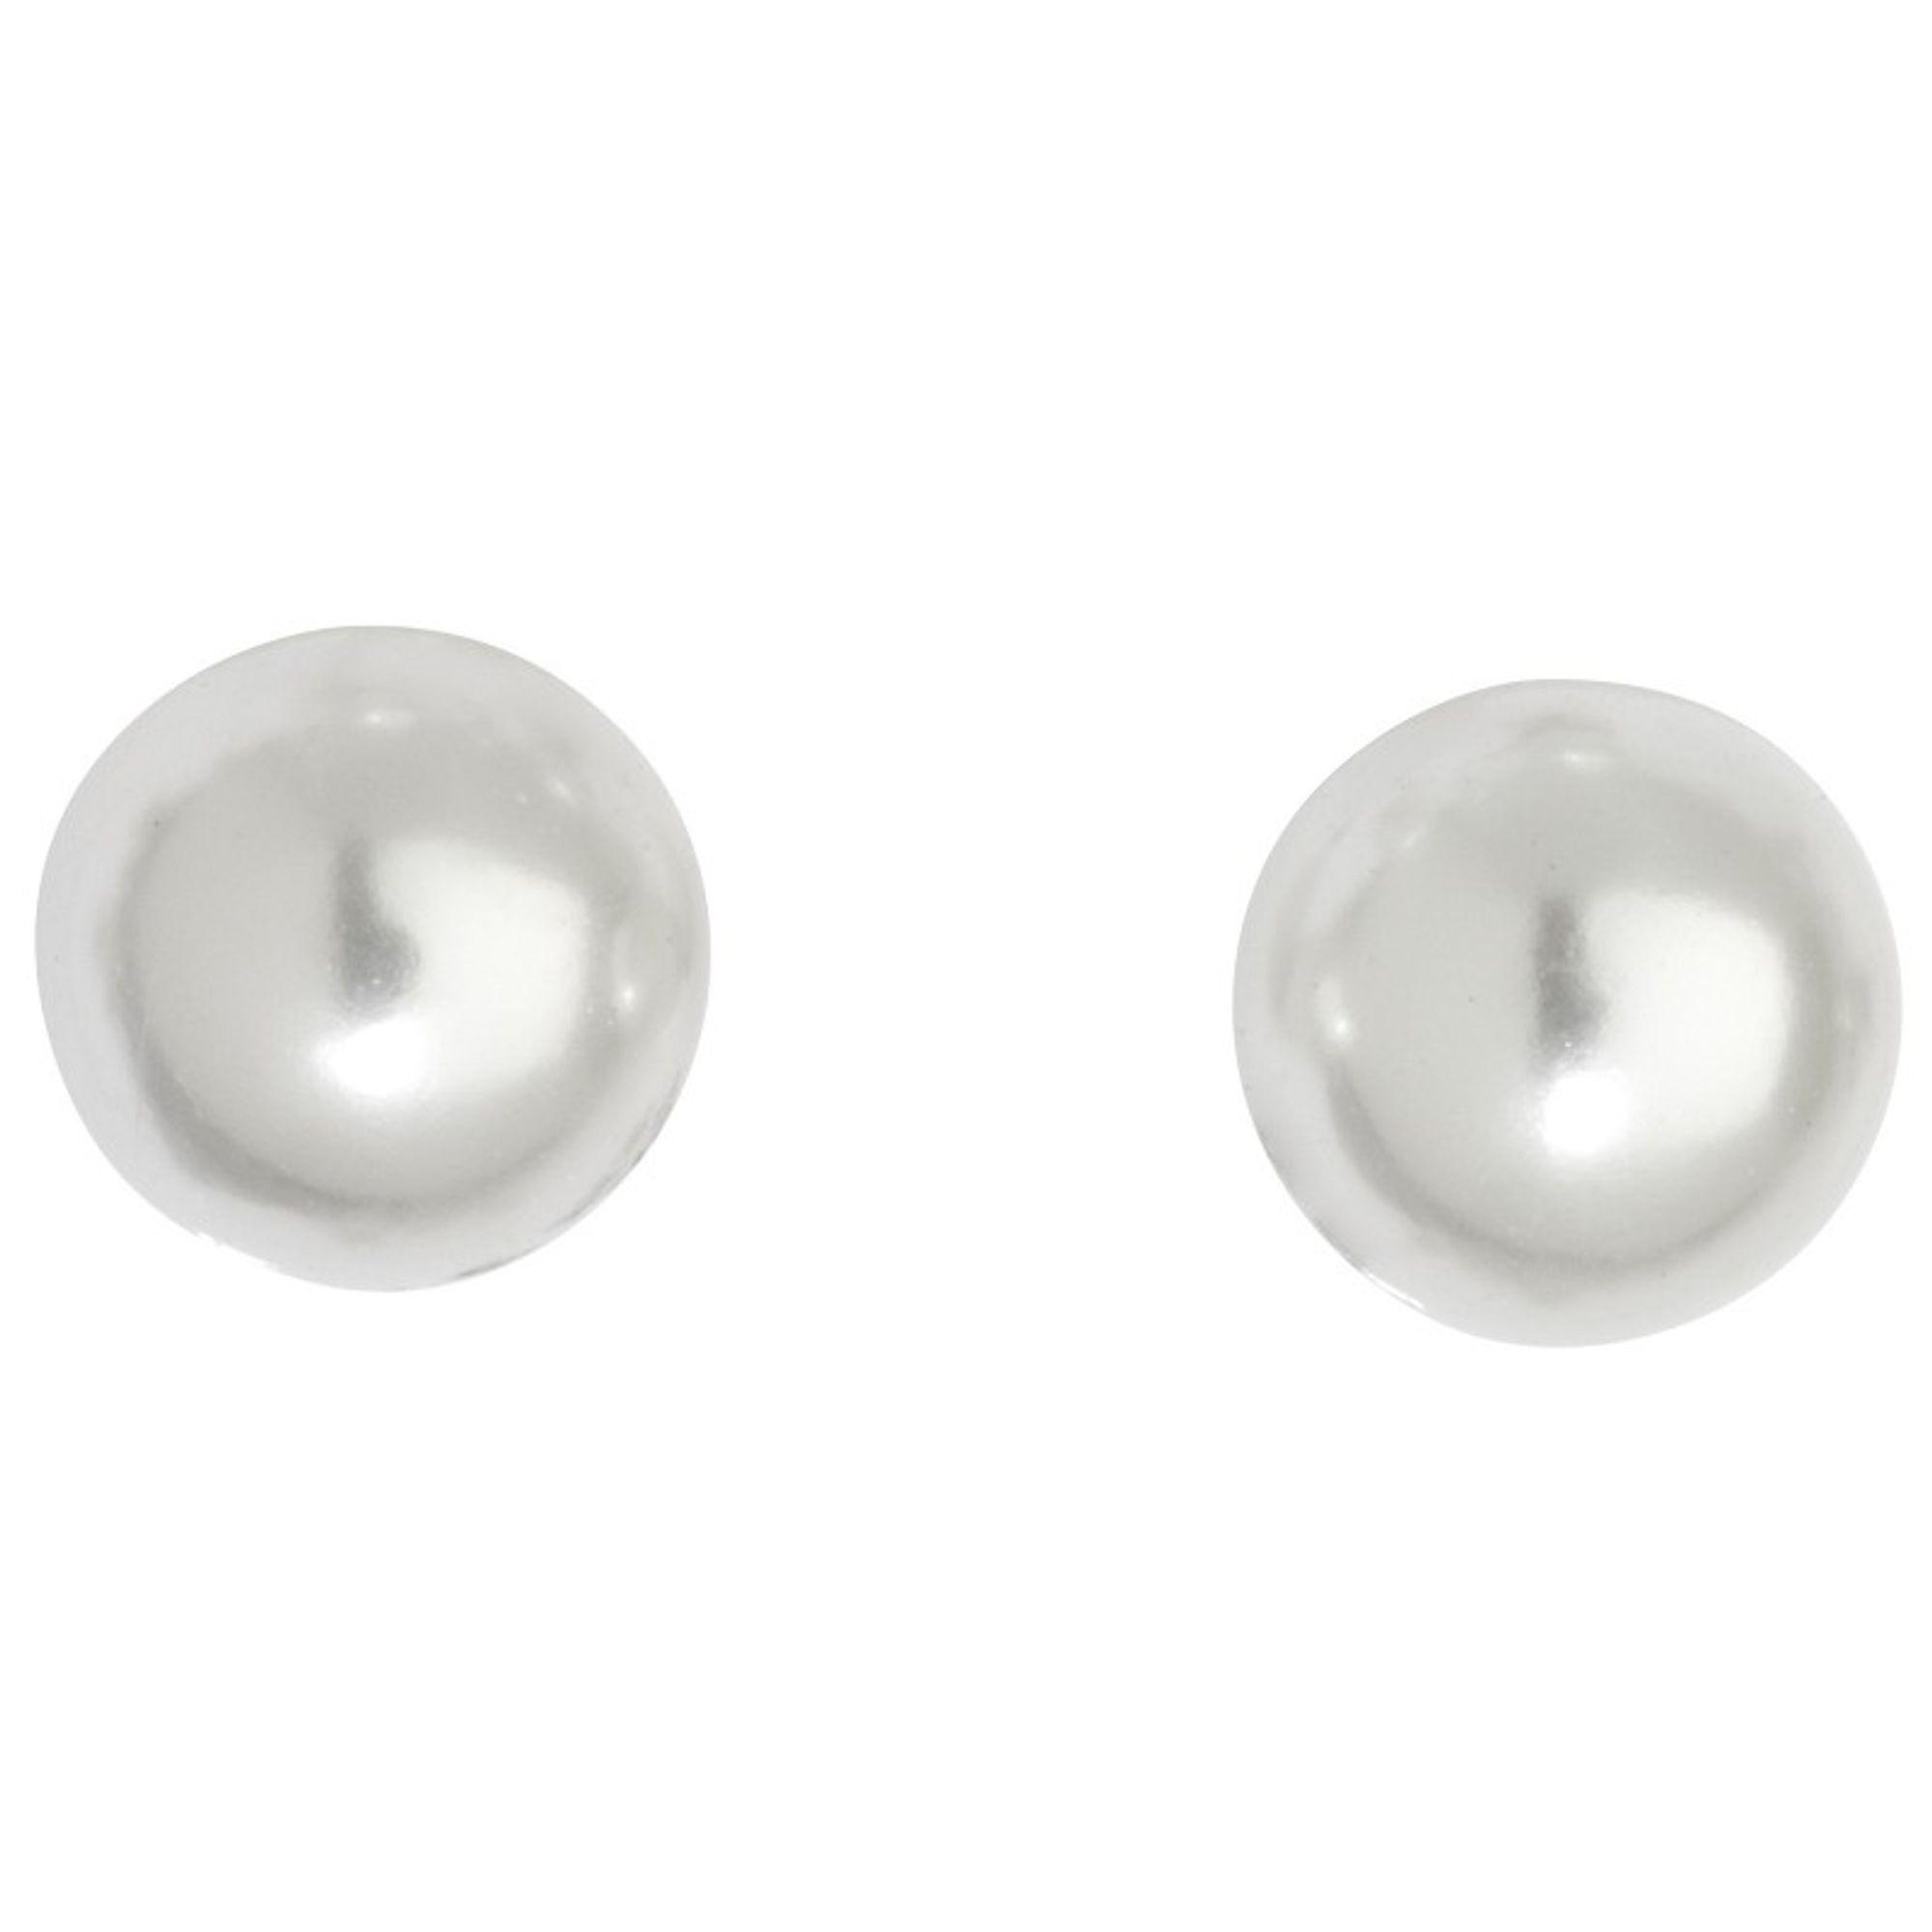 Basic Silber SO12 Damen Silber Ohrstecker Ohrschmuck Weiß